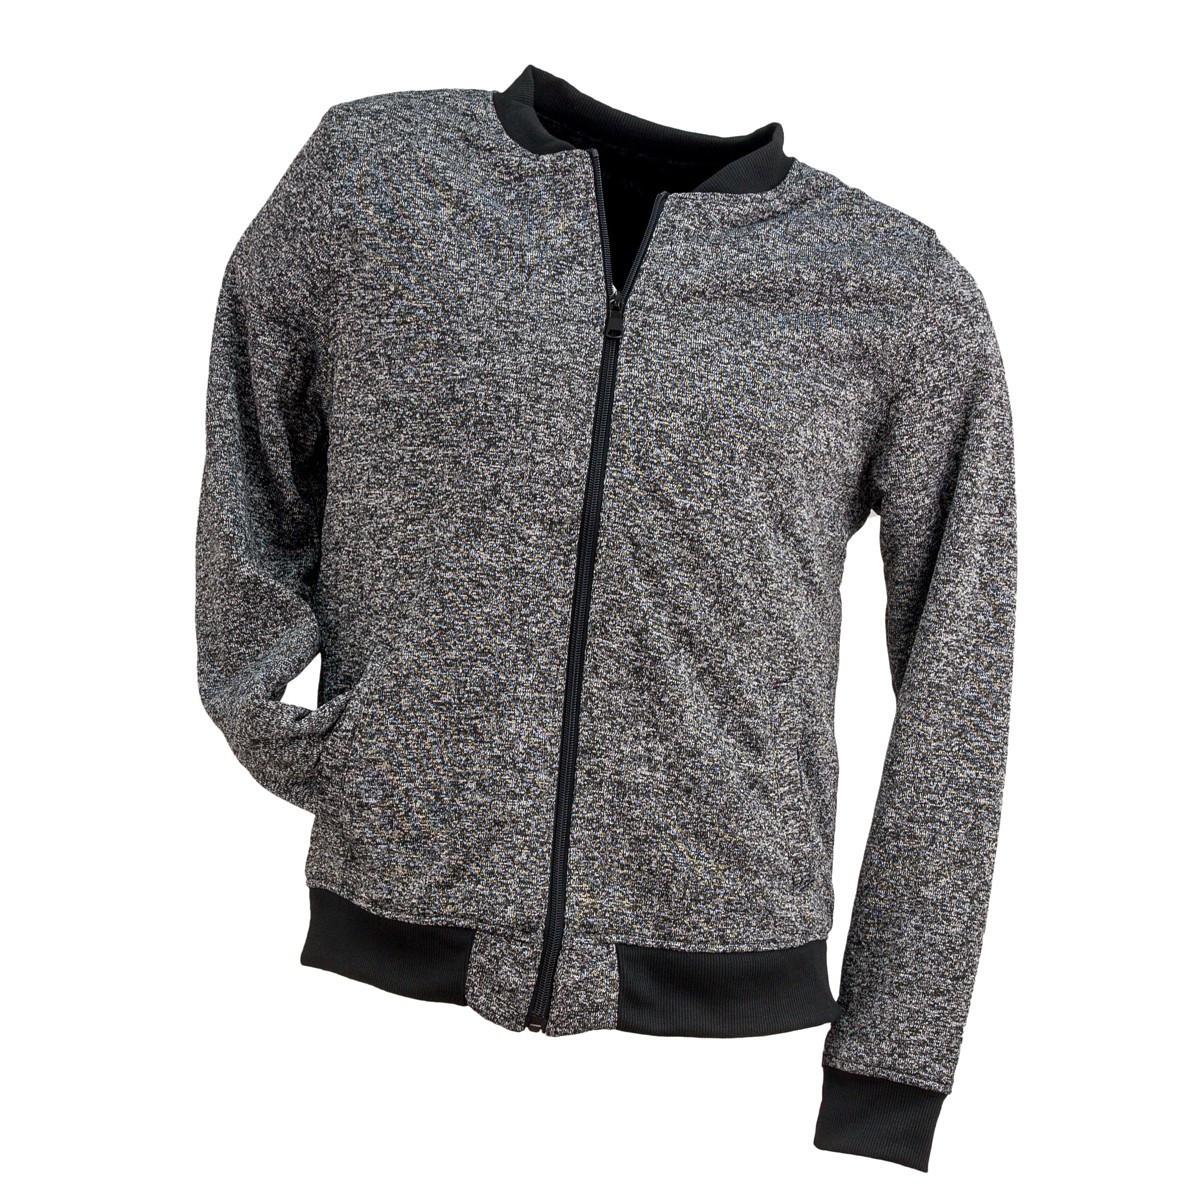 Блуза BLUZA URG-725 BLACK на молнии,выполнена из полиэстера, черно серого цвета.  Urgent (POLAND)